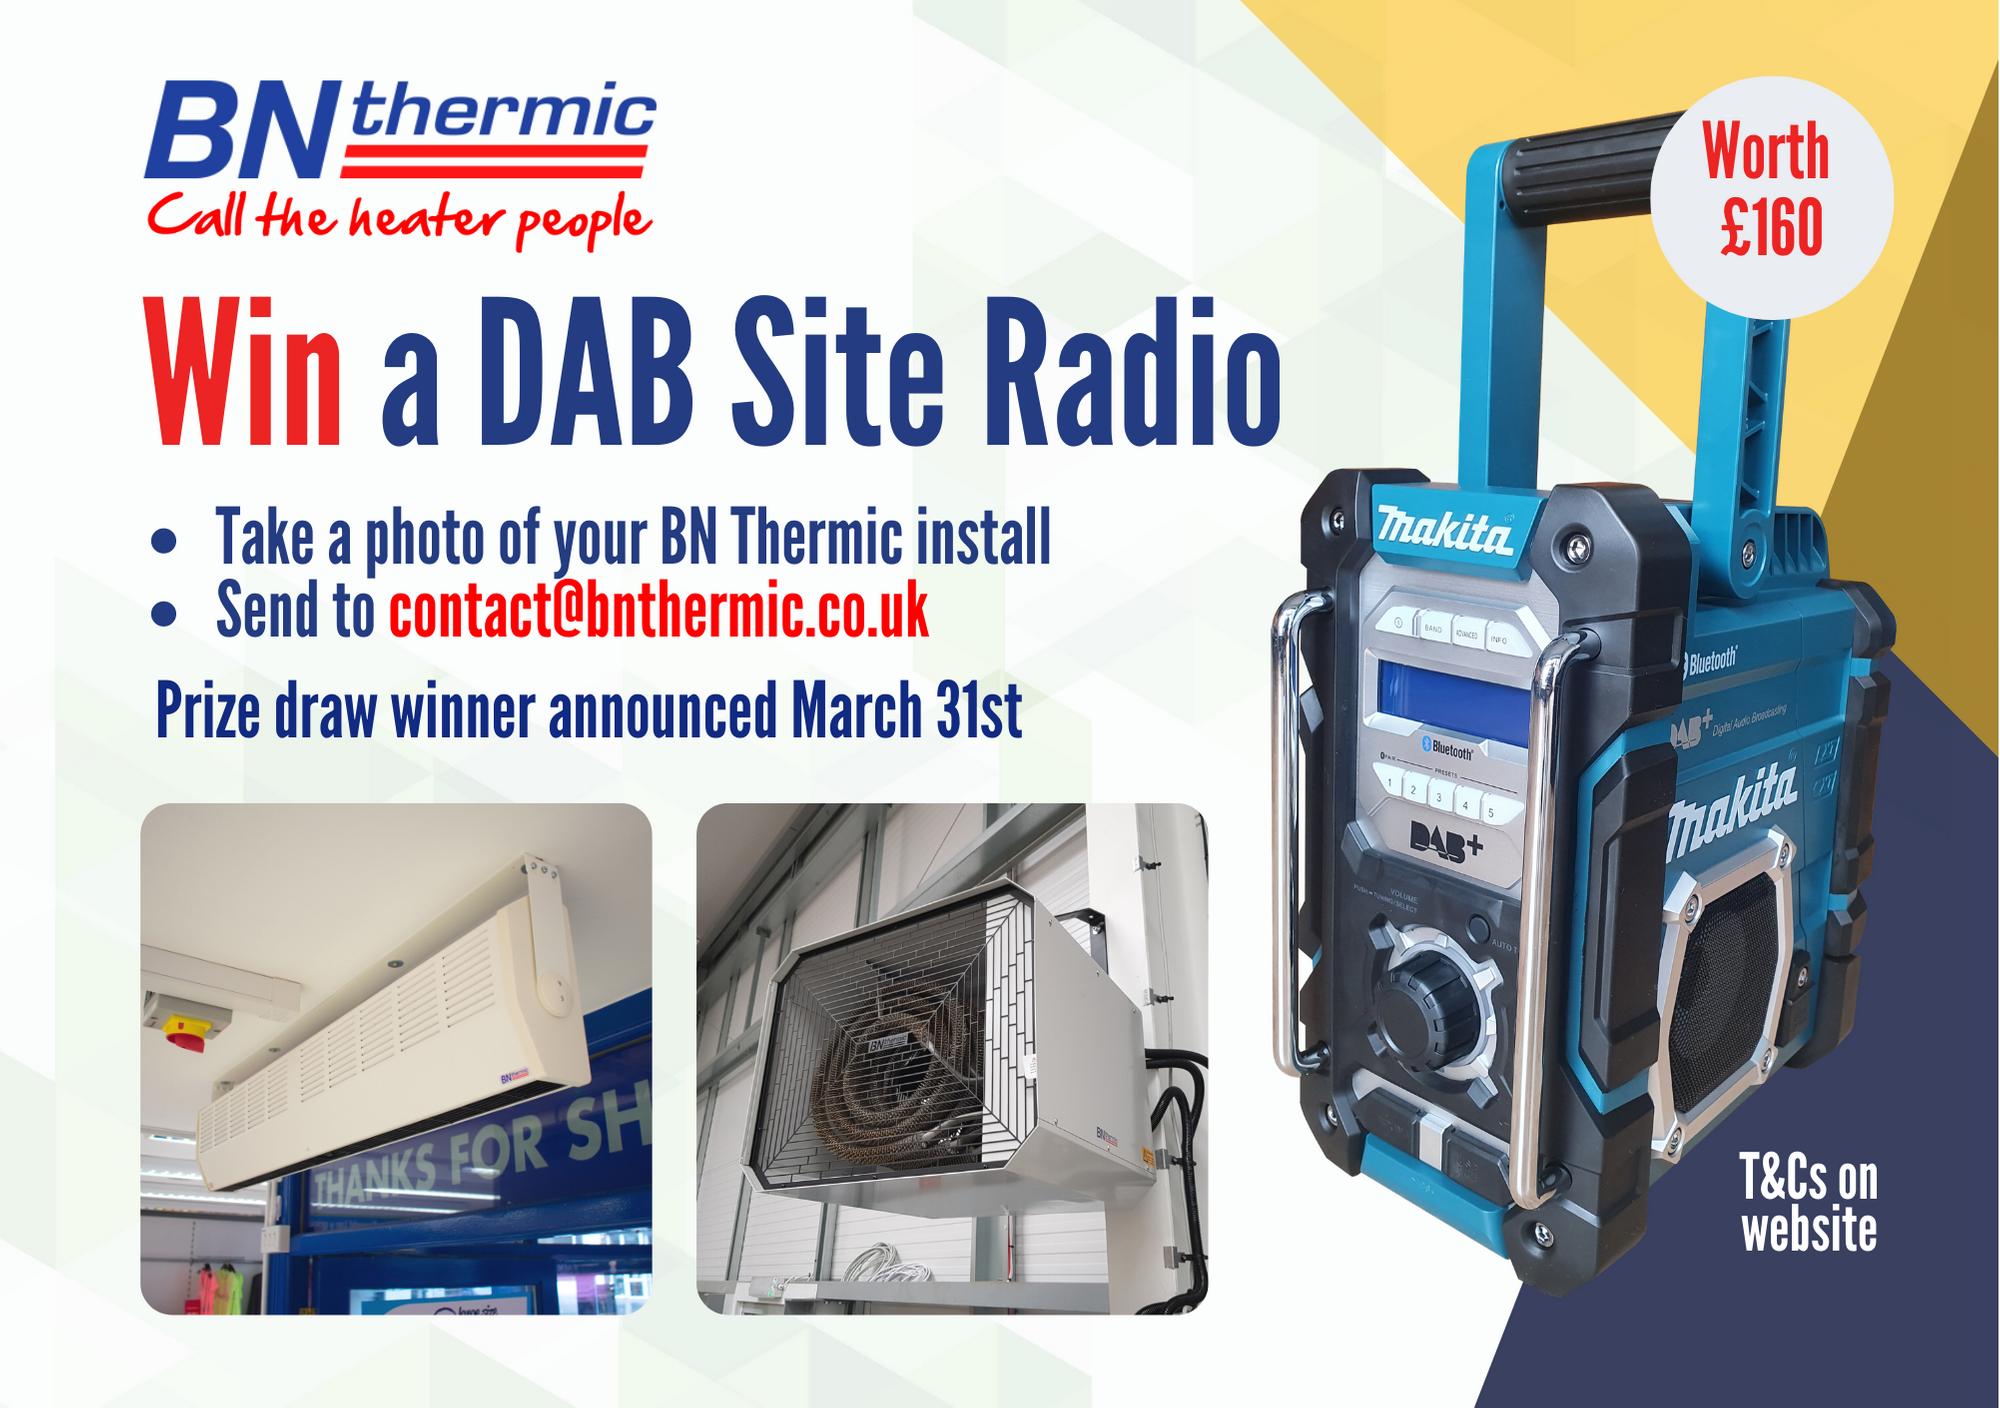 Win a DAB Site Radio!